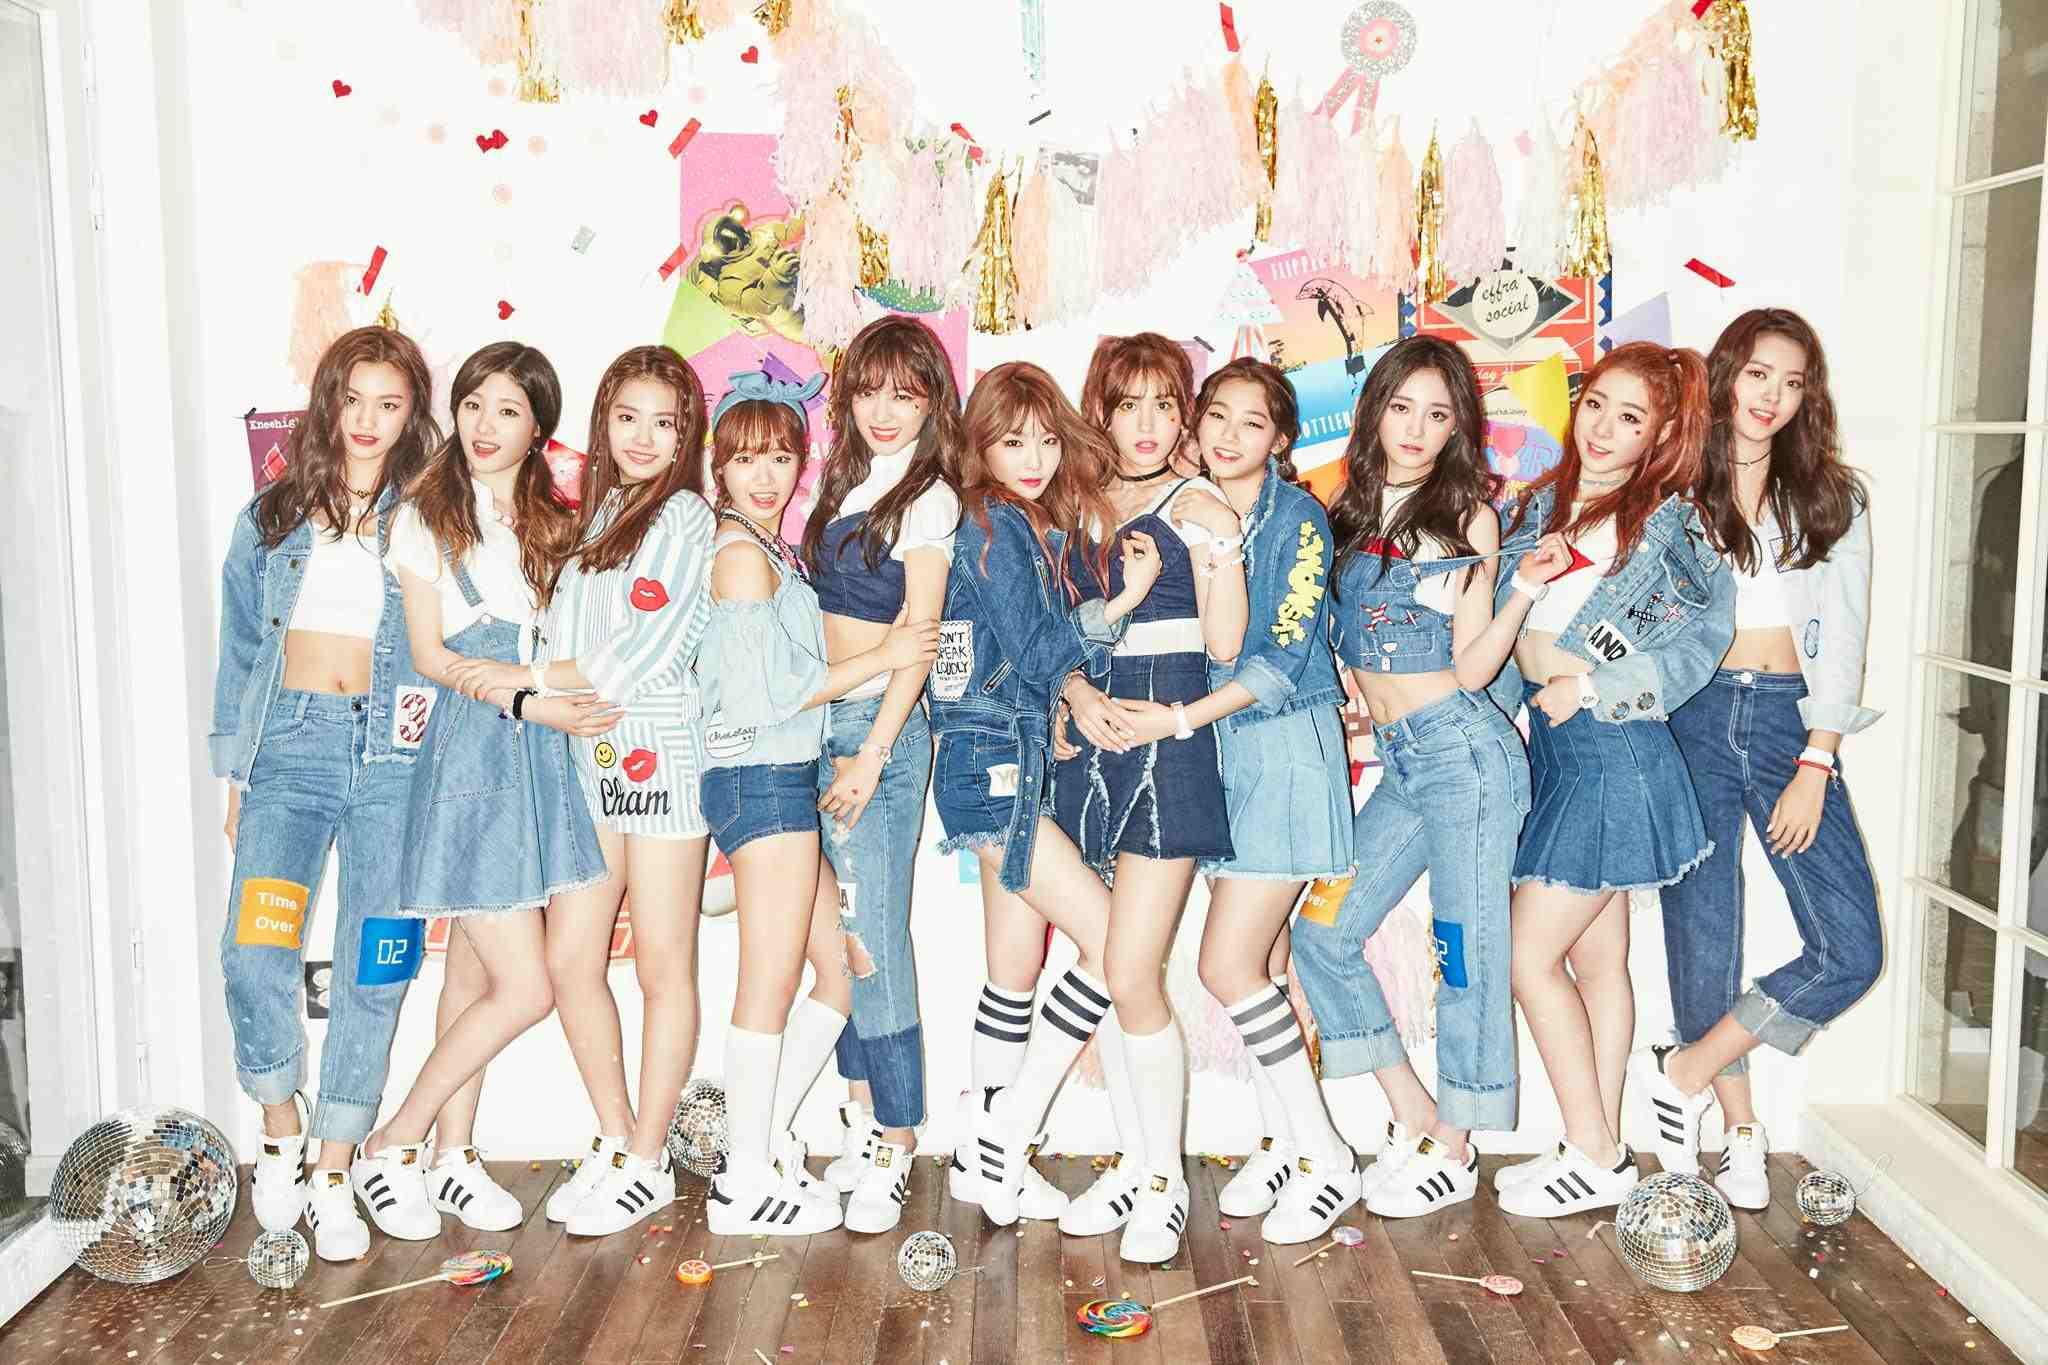 由選秀節目誕生的11人「限定」女團I.O.I,好不容易出道,但最近負面新聞不斷!